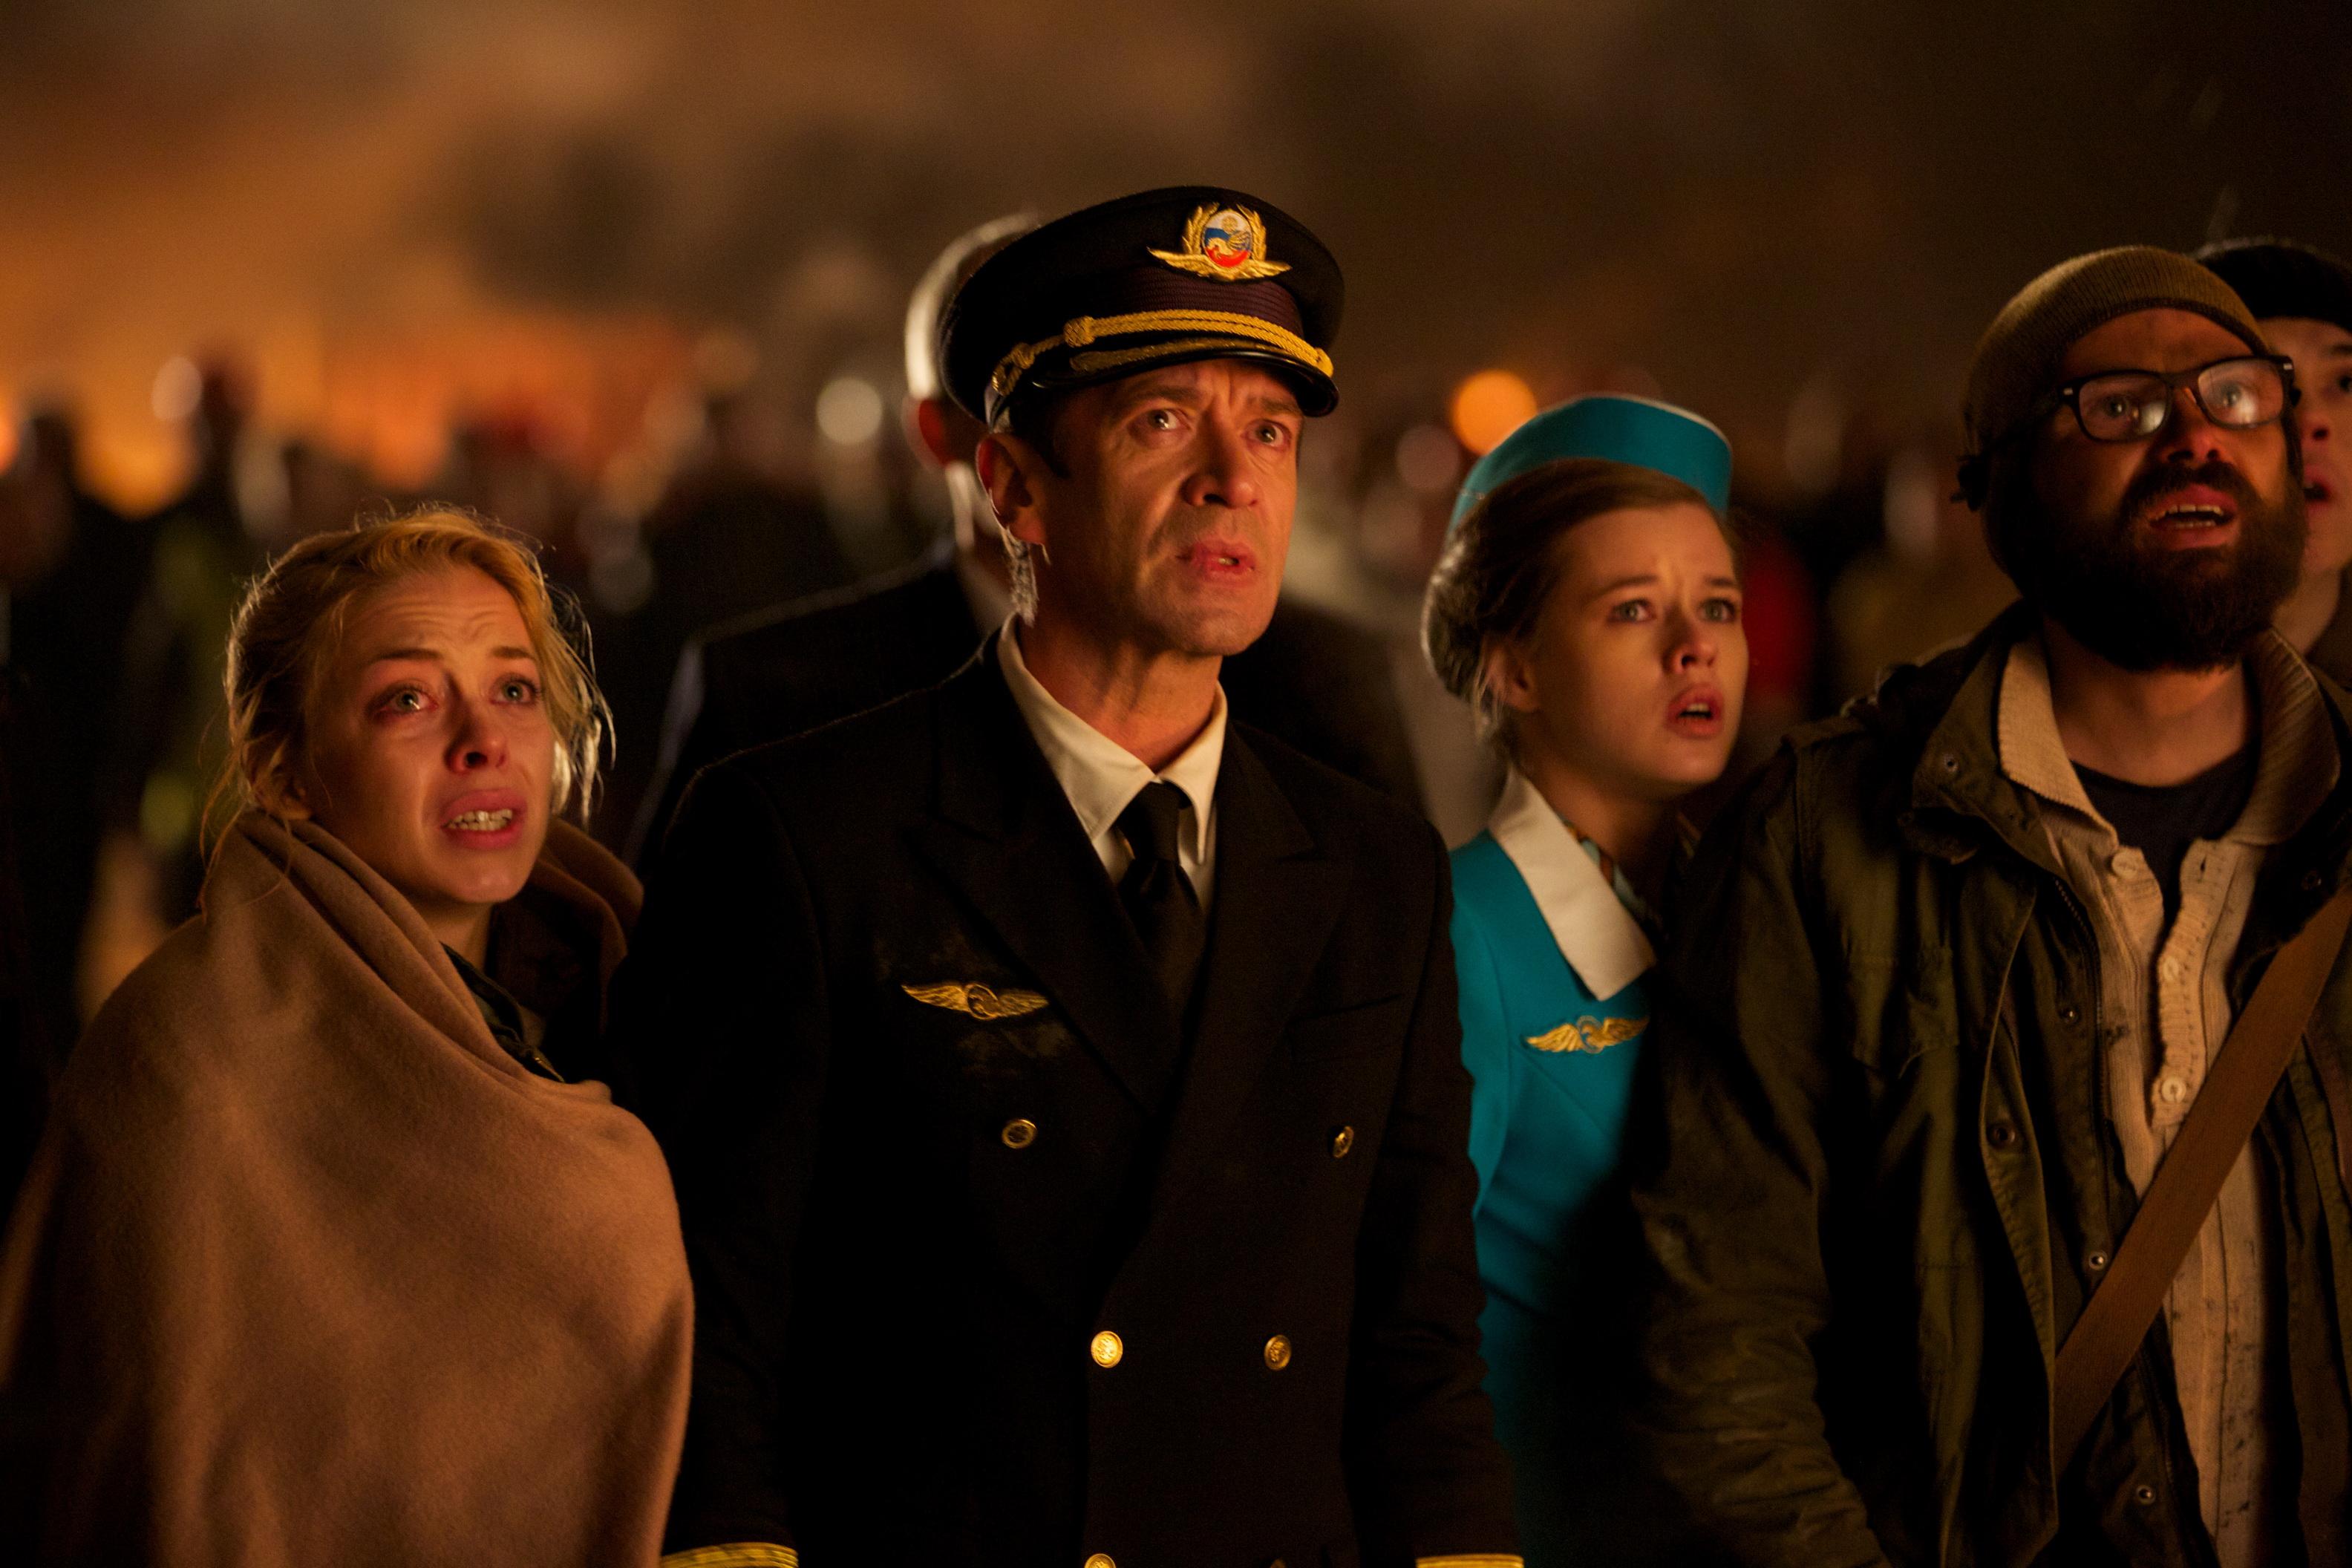 Два фильма «экипаж»: сравнение